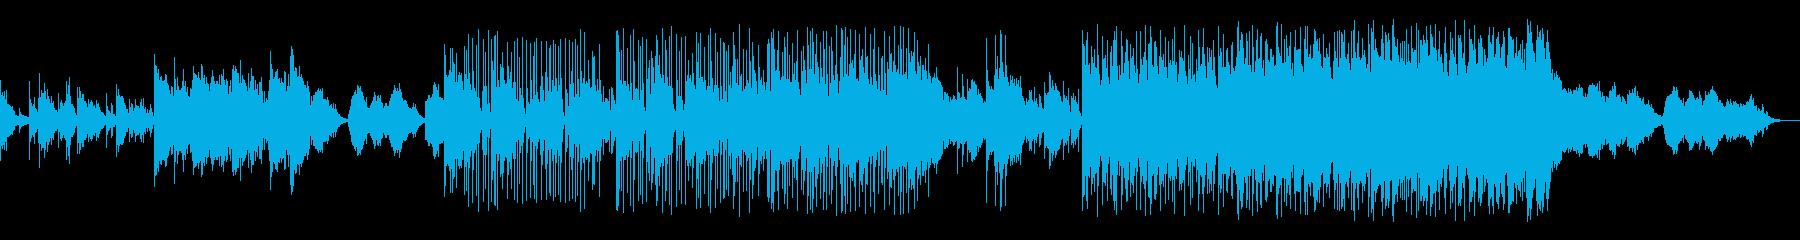 アンビエント-ニューエイジインスト...の再生済みの波形